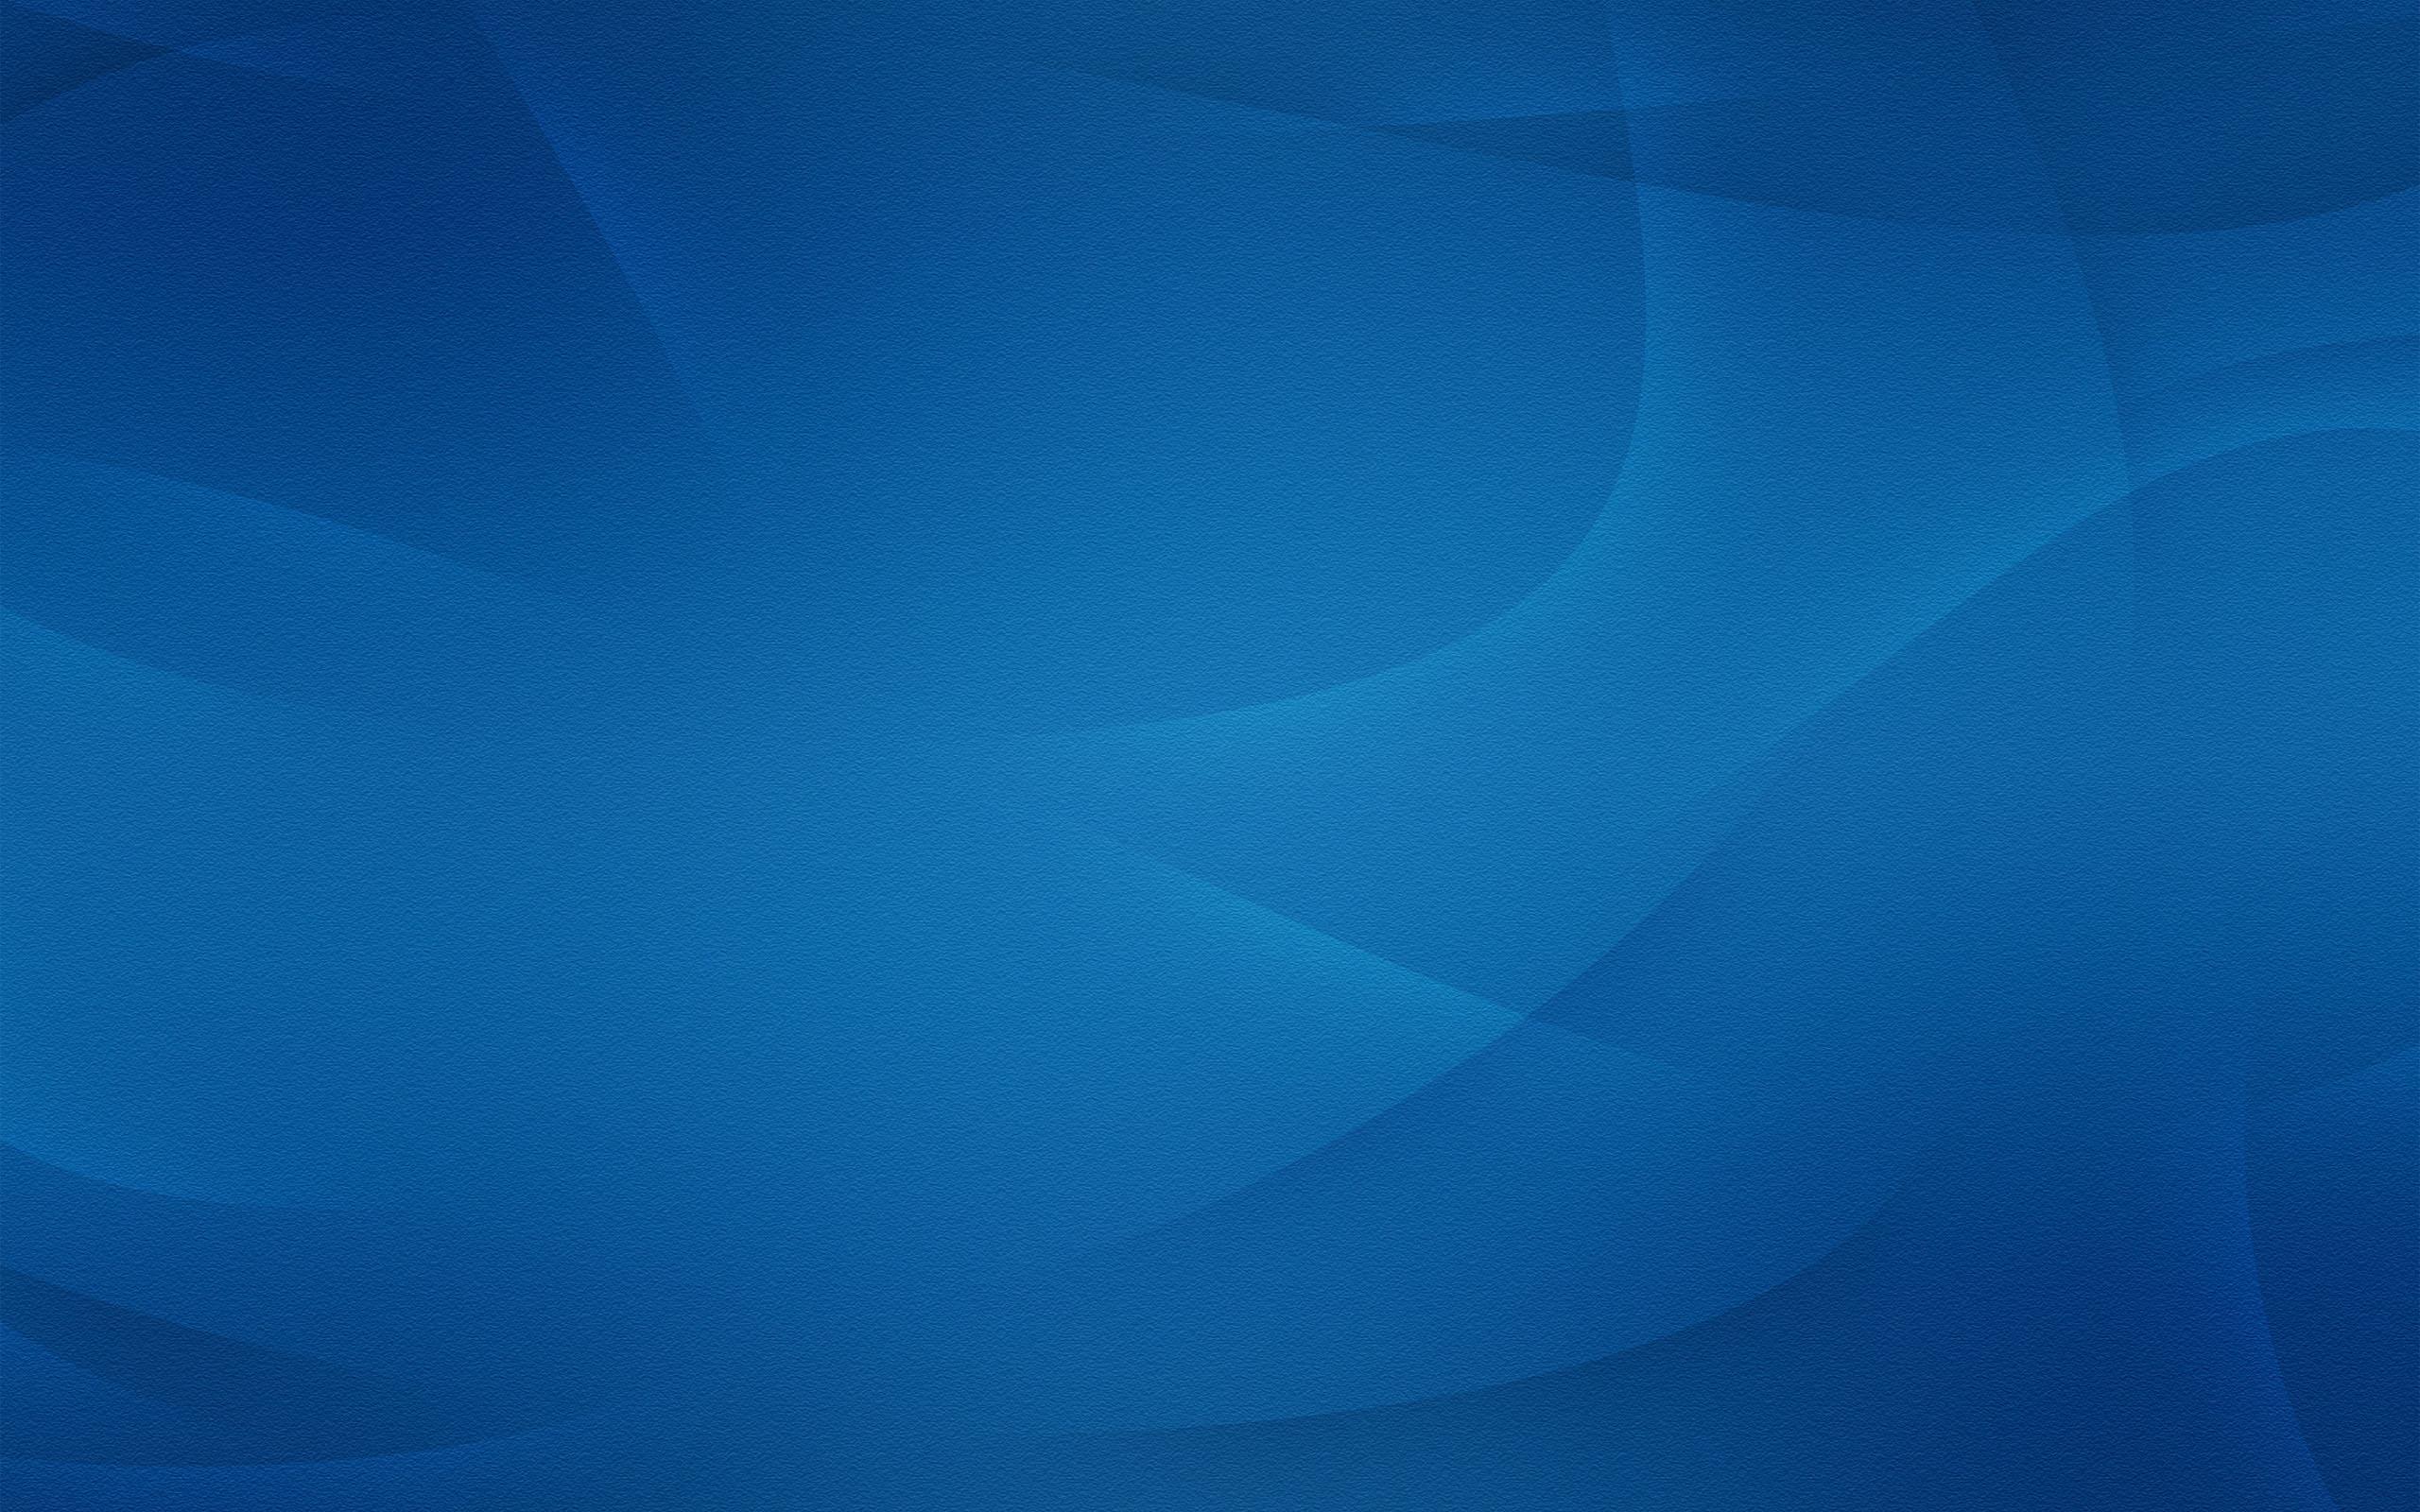 blue wallpaper 45841